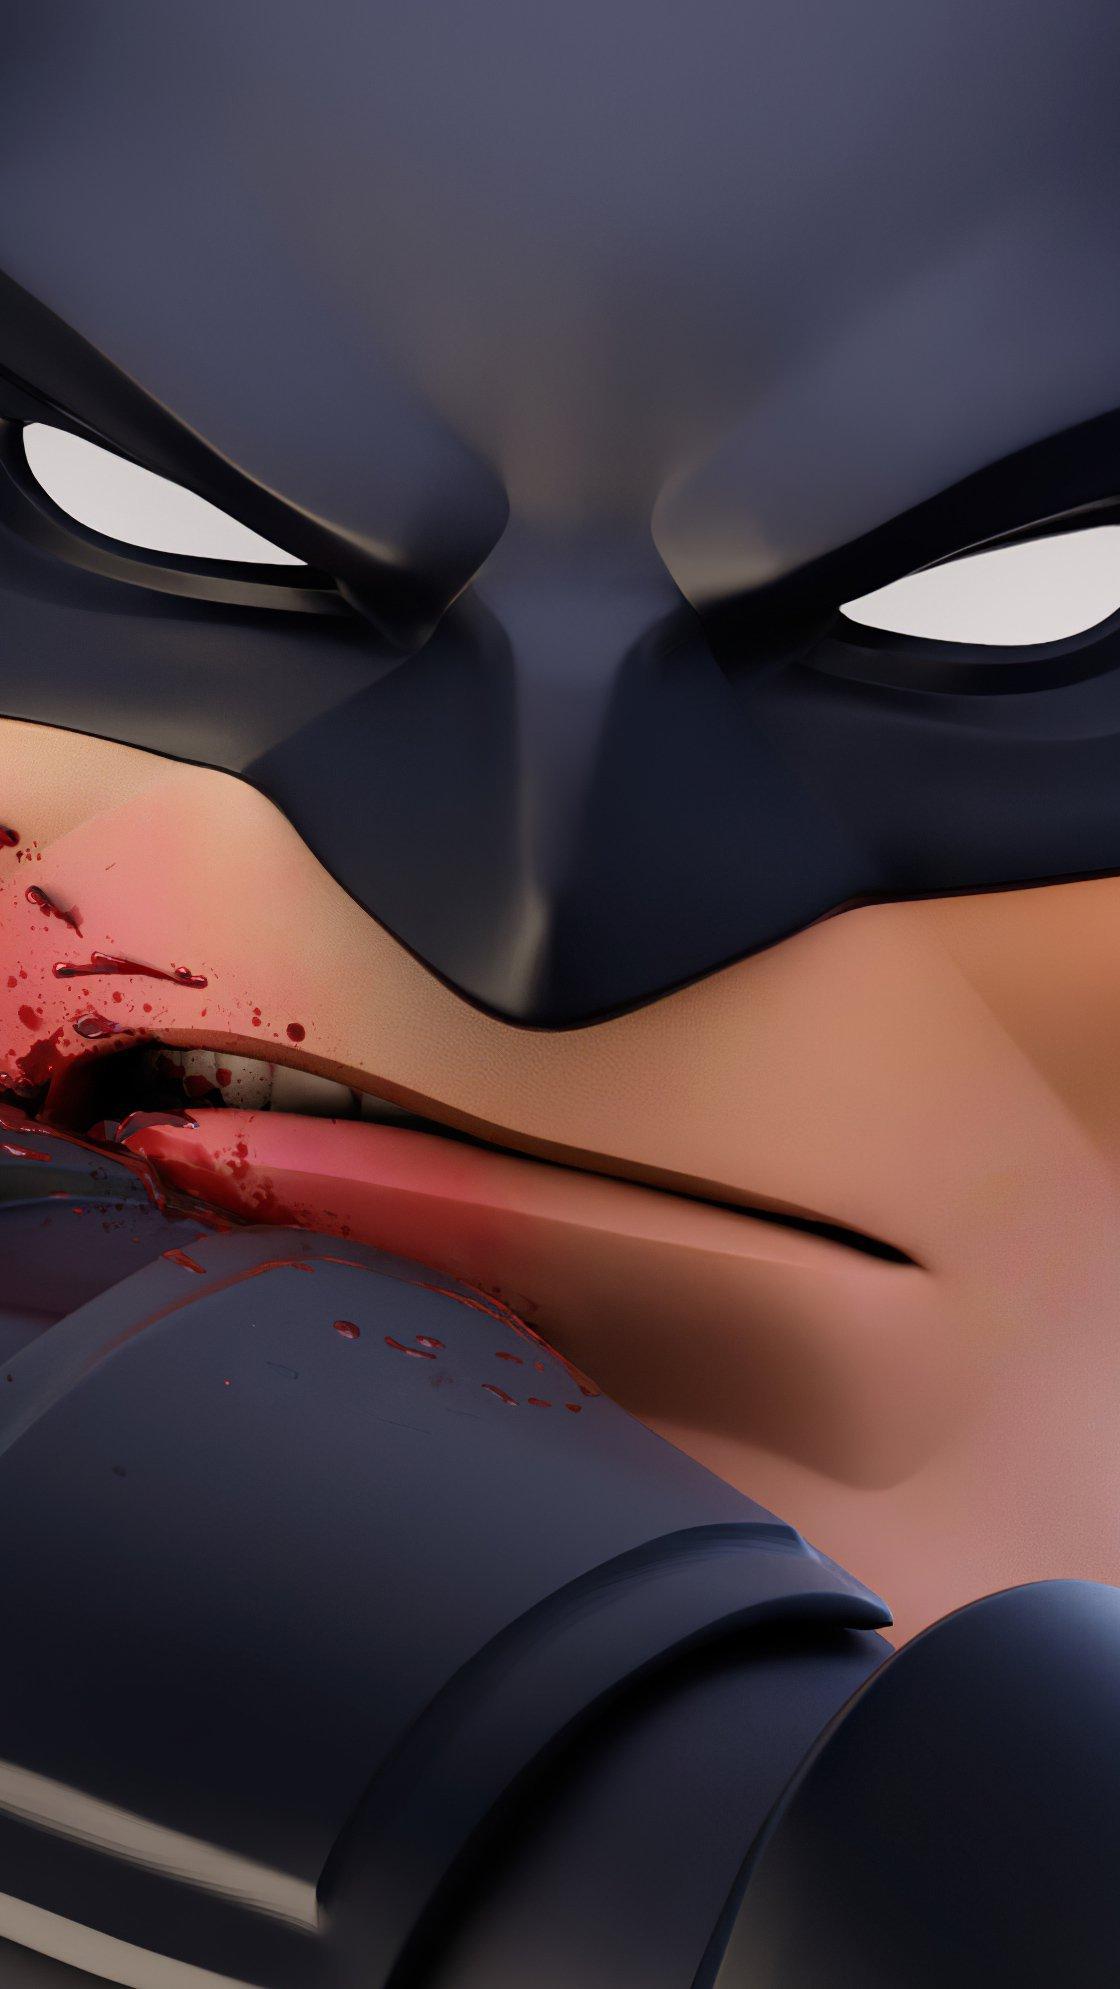 Fondos de pantalla Batman lastimado Vertical